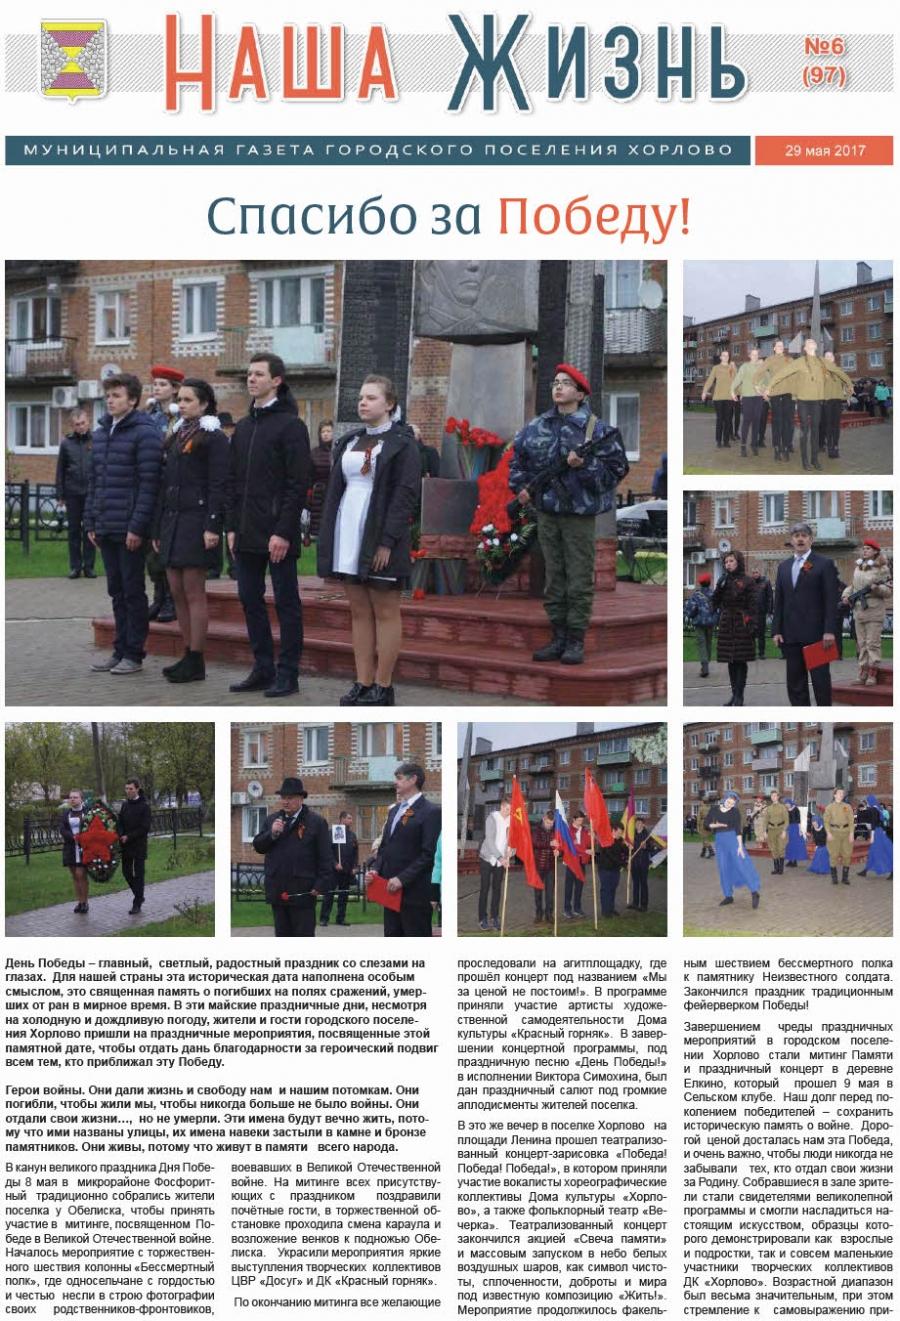 """Газета """"Наша жизнь"""" - 29 мая 2017 года"""